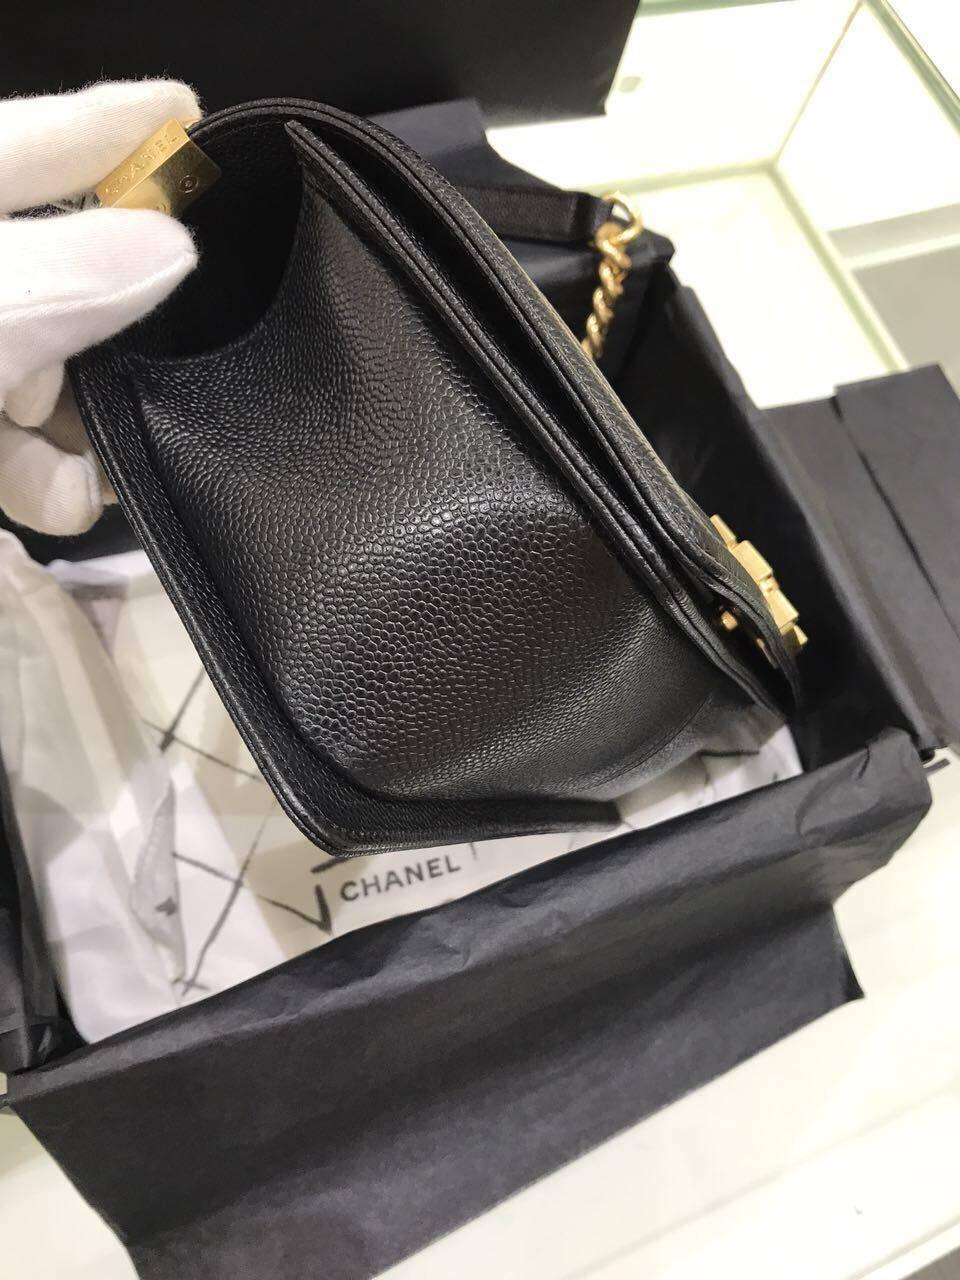 小香口盖包 Le boy bag 25cm 黑色金色金屬 魚子醬顆粒小牛皮